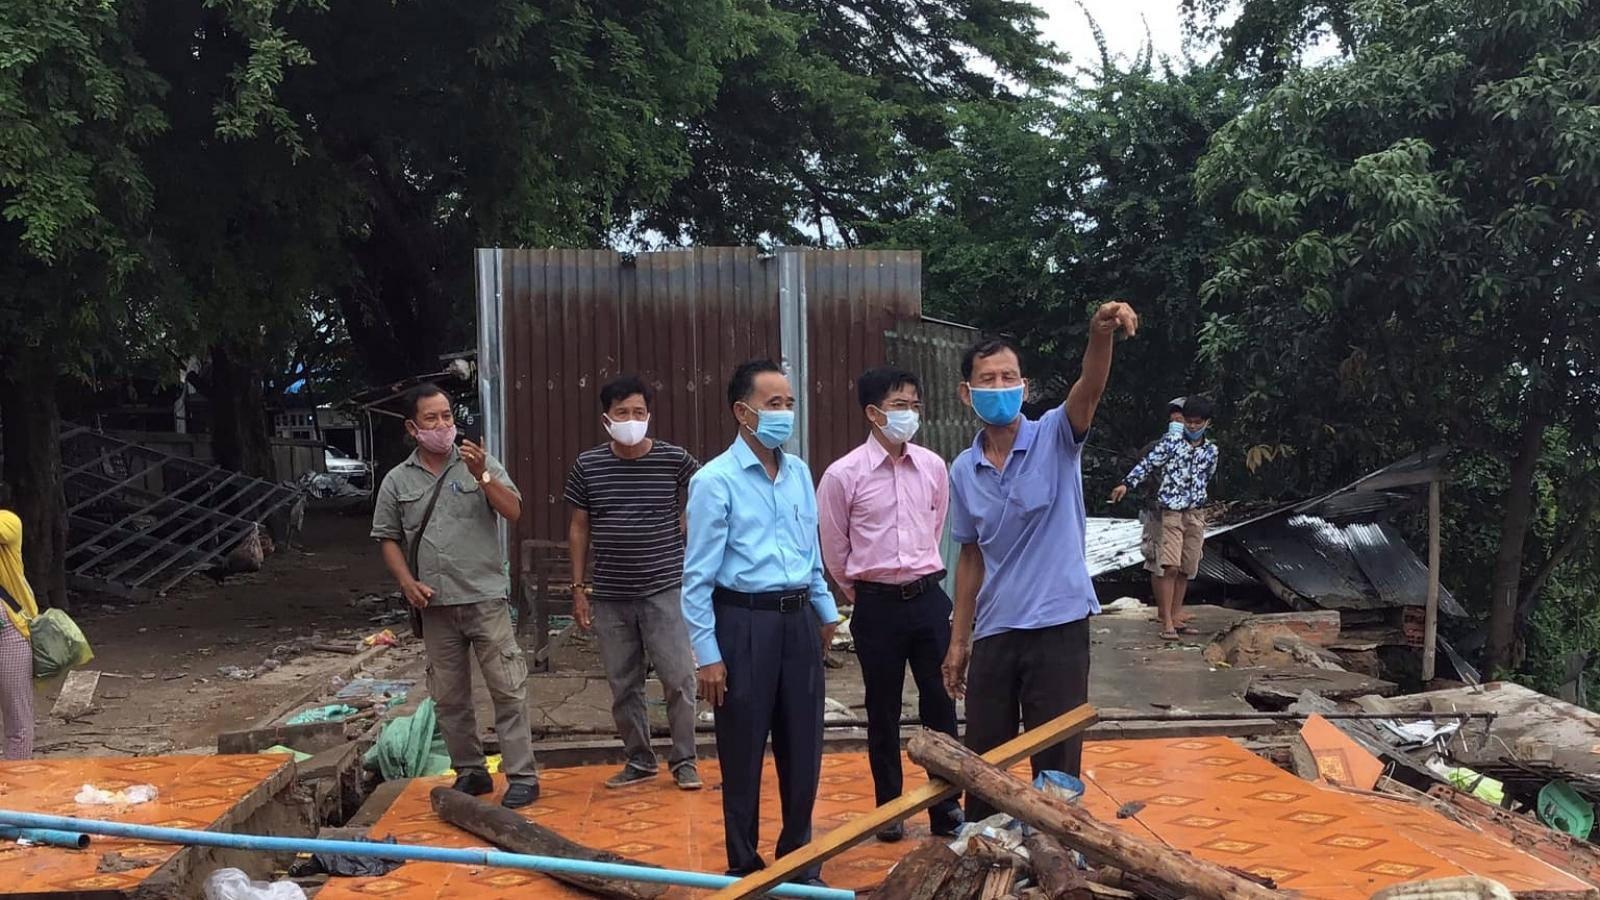 Hội Khmer -Việt Nam cứu trợ khẩn cấp các hộ dân bị mất nhà cửa do bị sạt lở đất